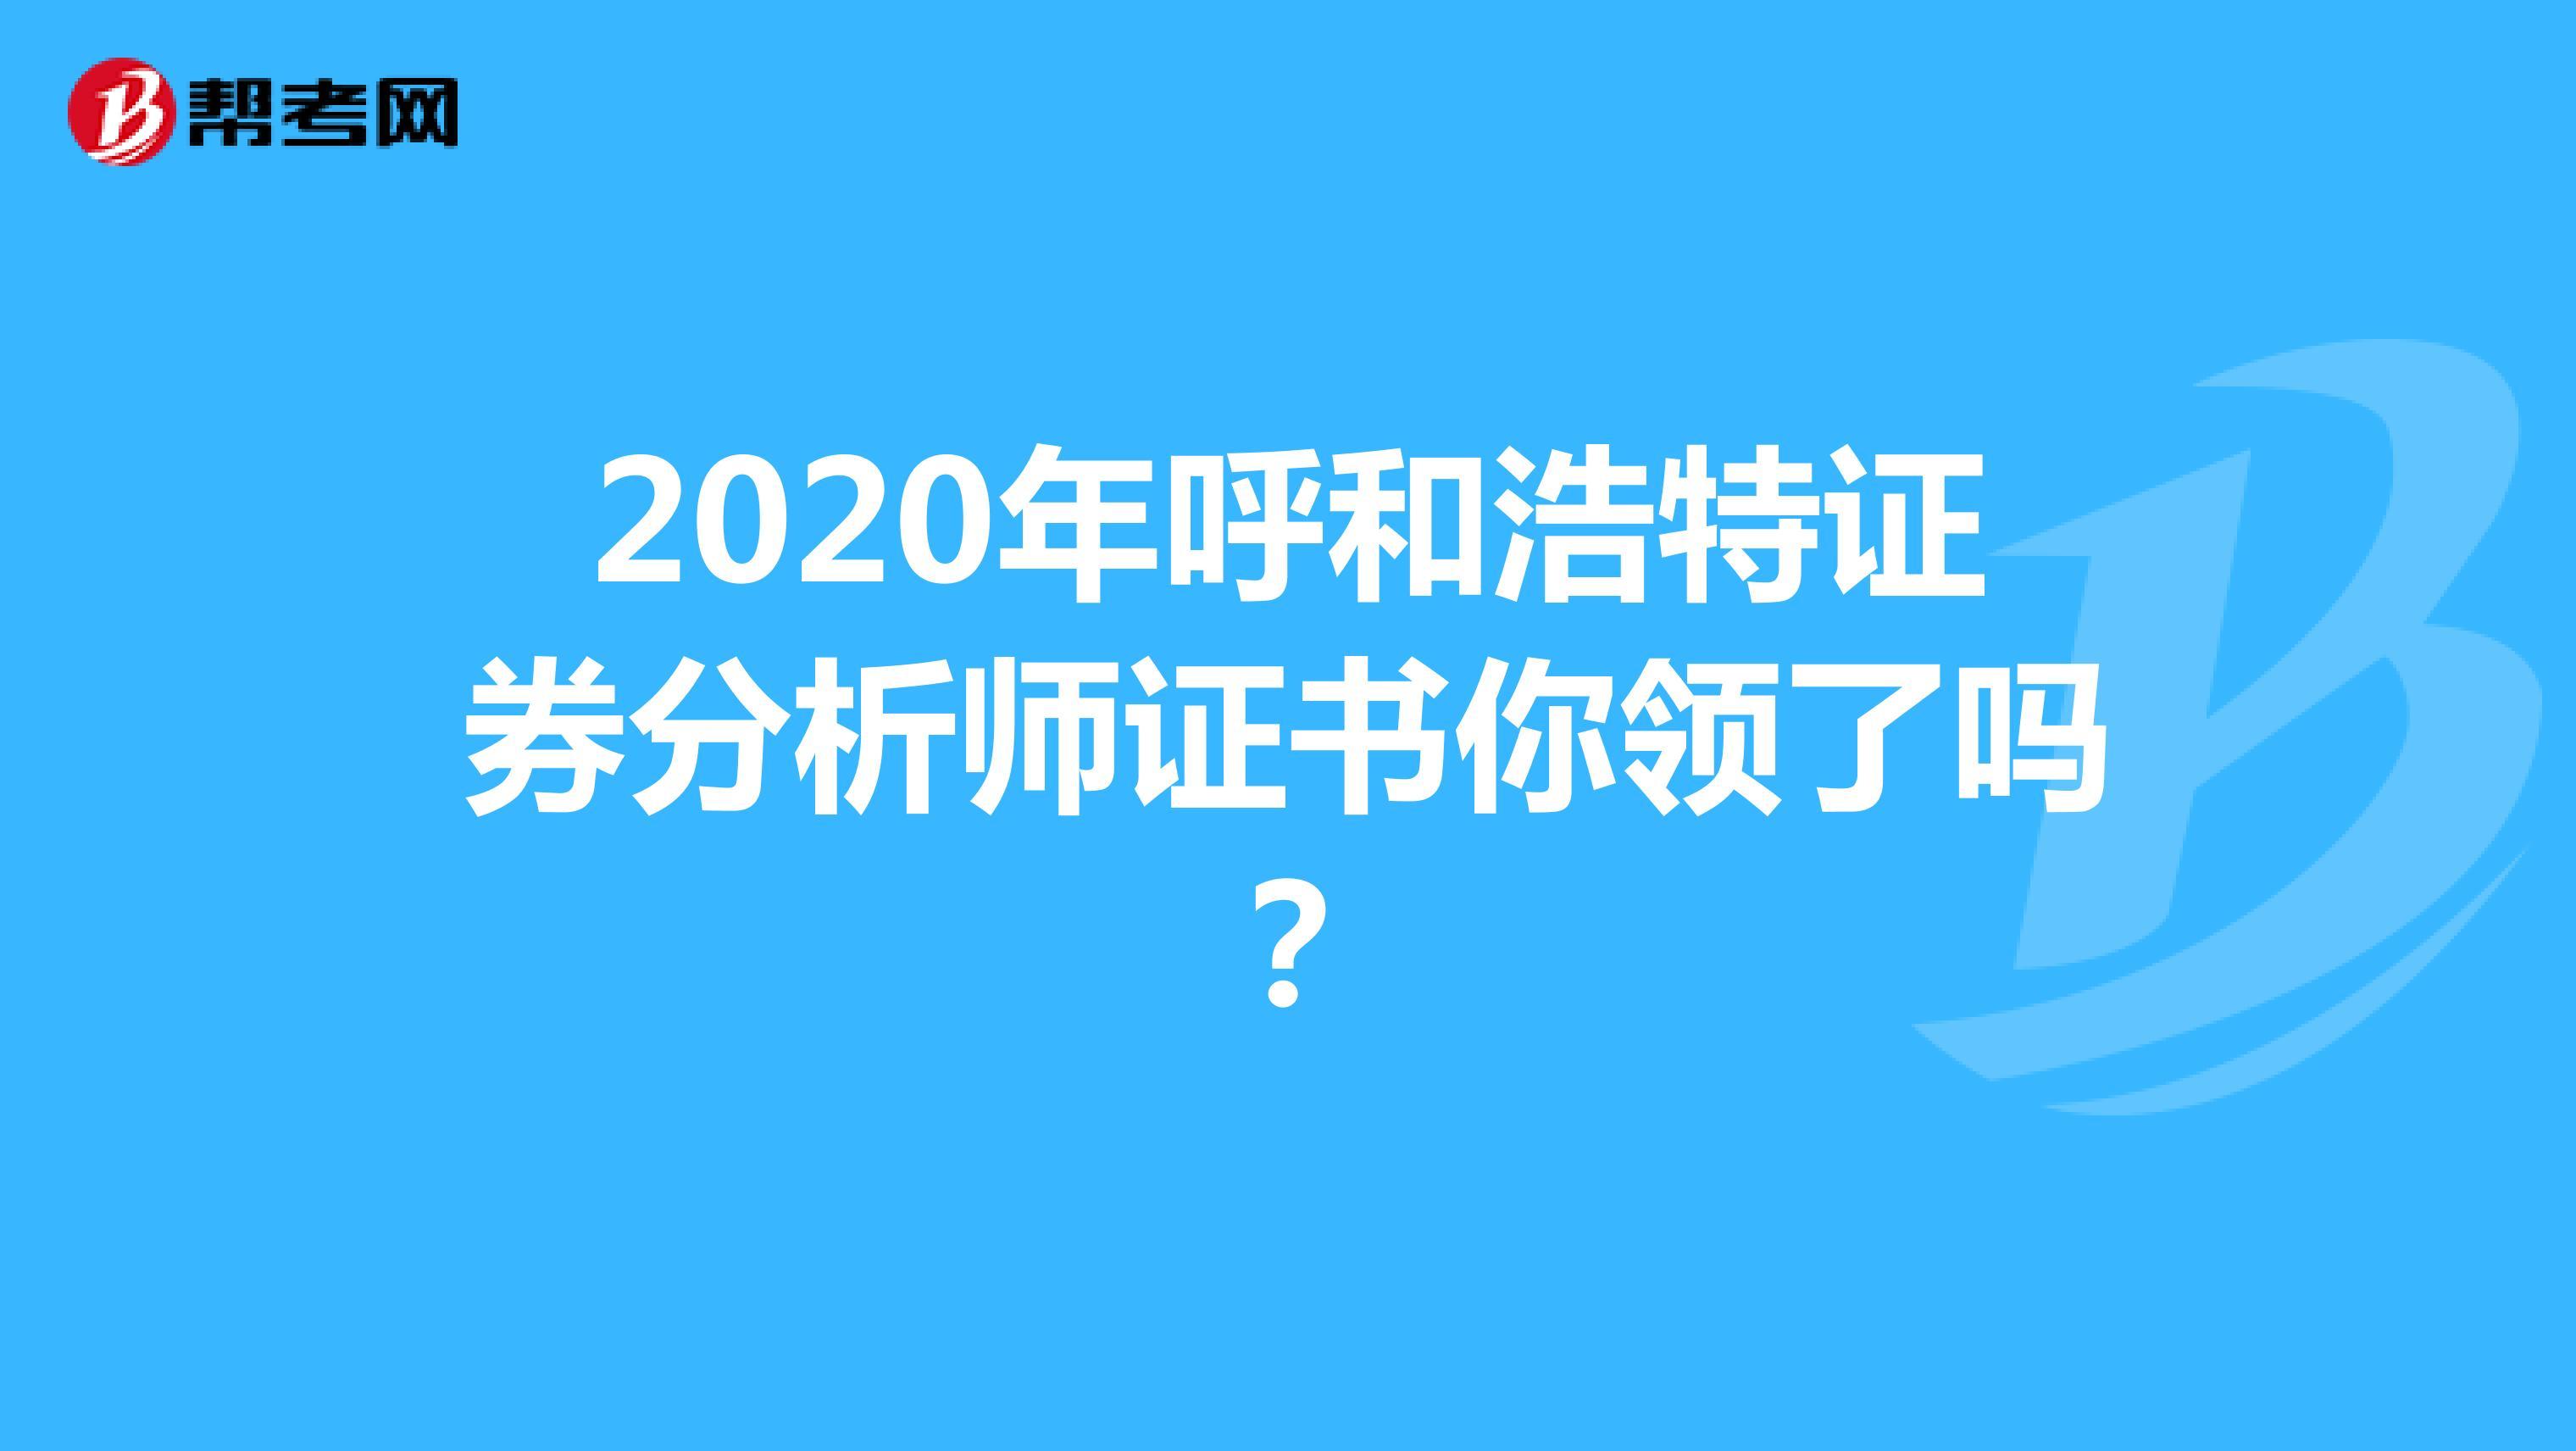 2020年呼和浩特證券分析師證書你領了嗎?